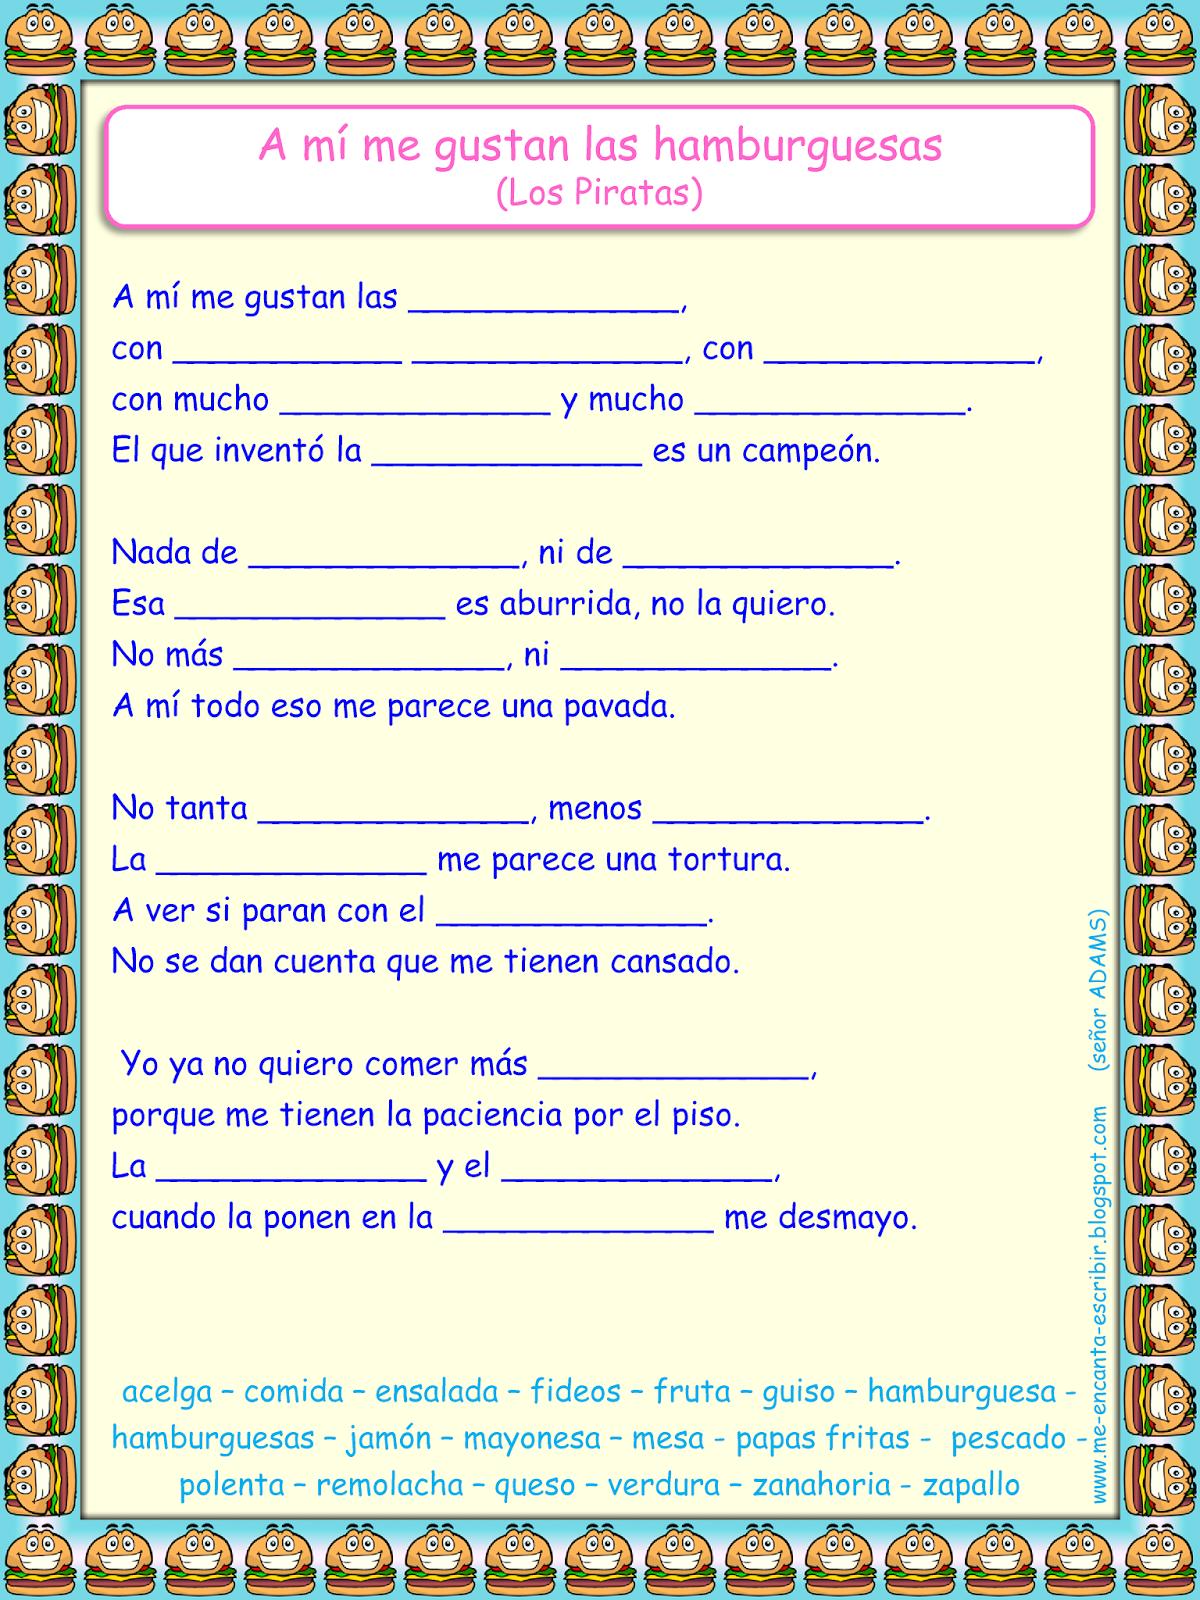 Me Encanta Escribir En Espanol Cancion A Mi Me Gustan La Hamburguesas Los Piratas